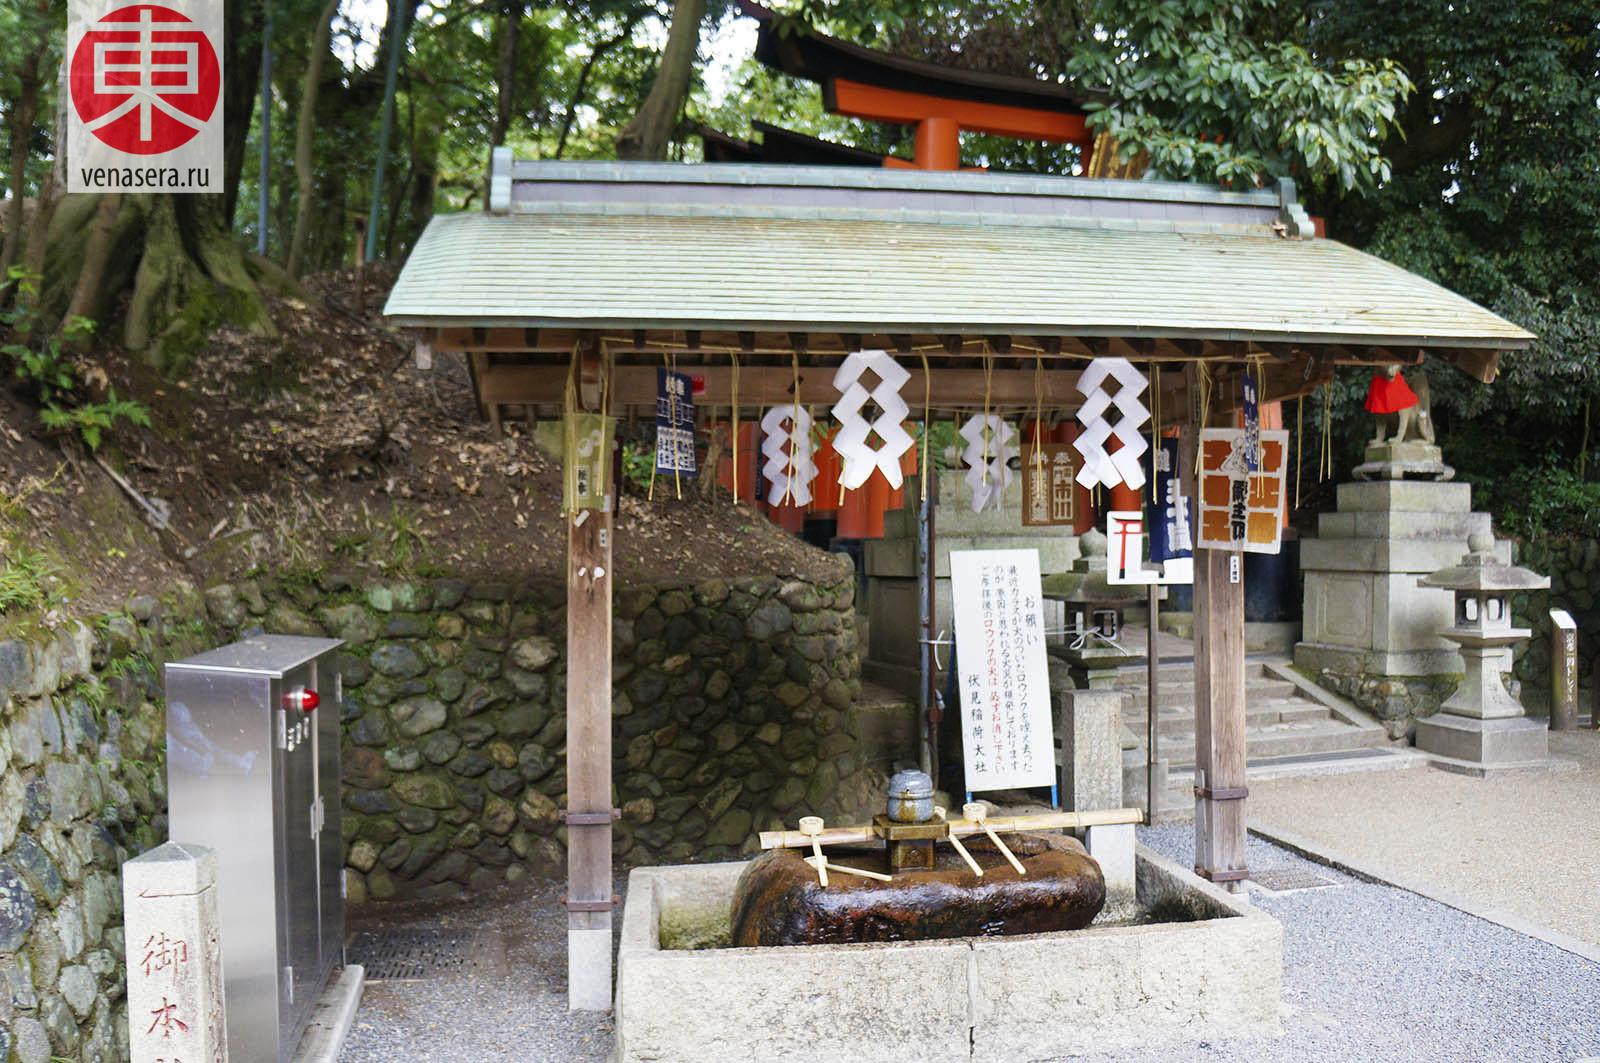 Фусими Инари в Киото, 伏見稲荷, Киото, Kyoto, 京都, Япония, Japan, 日本.